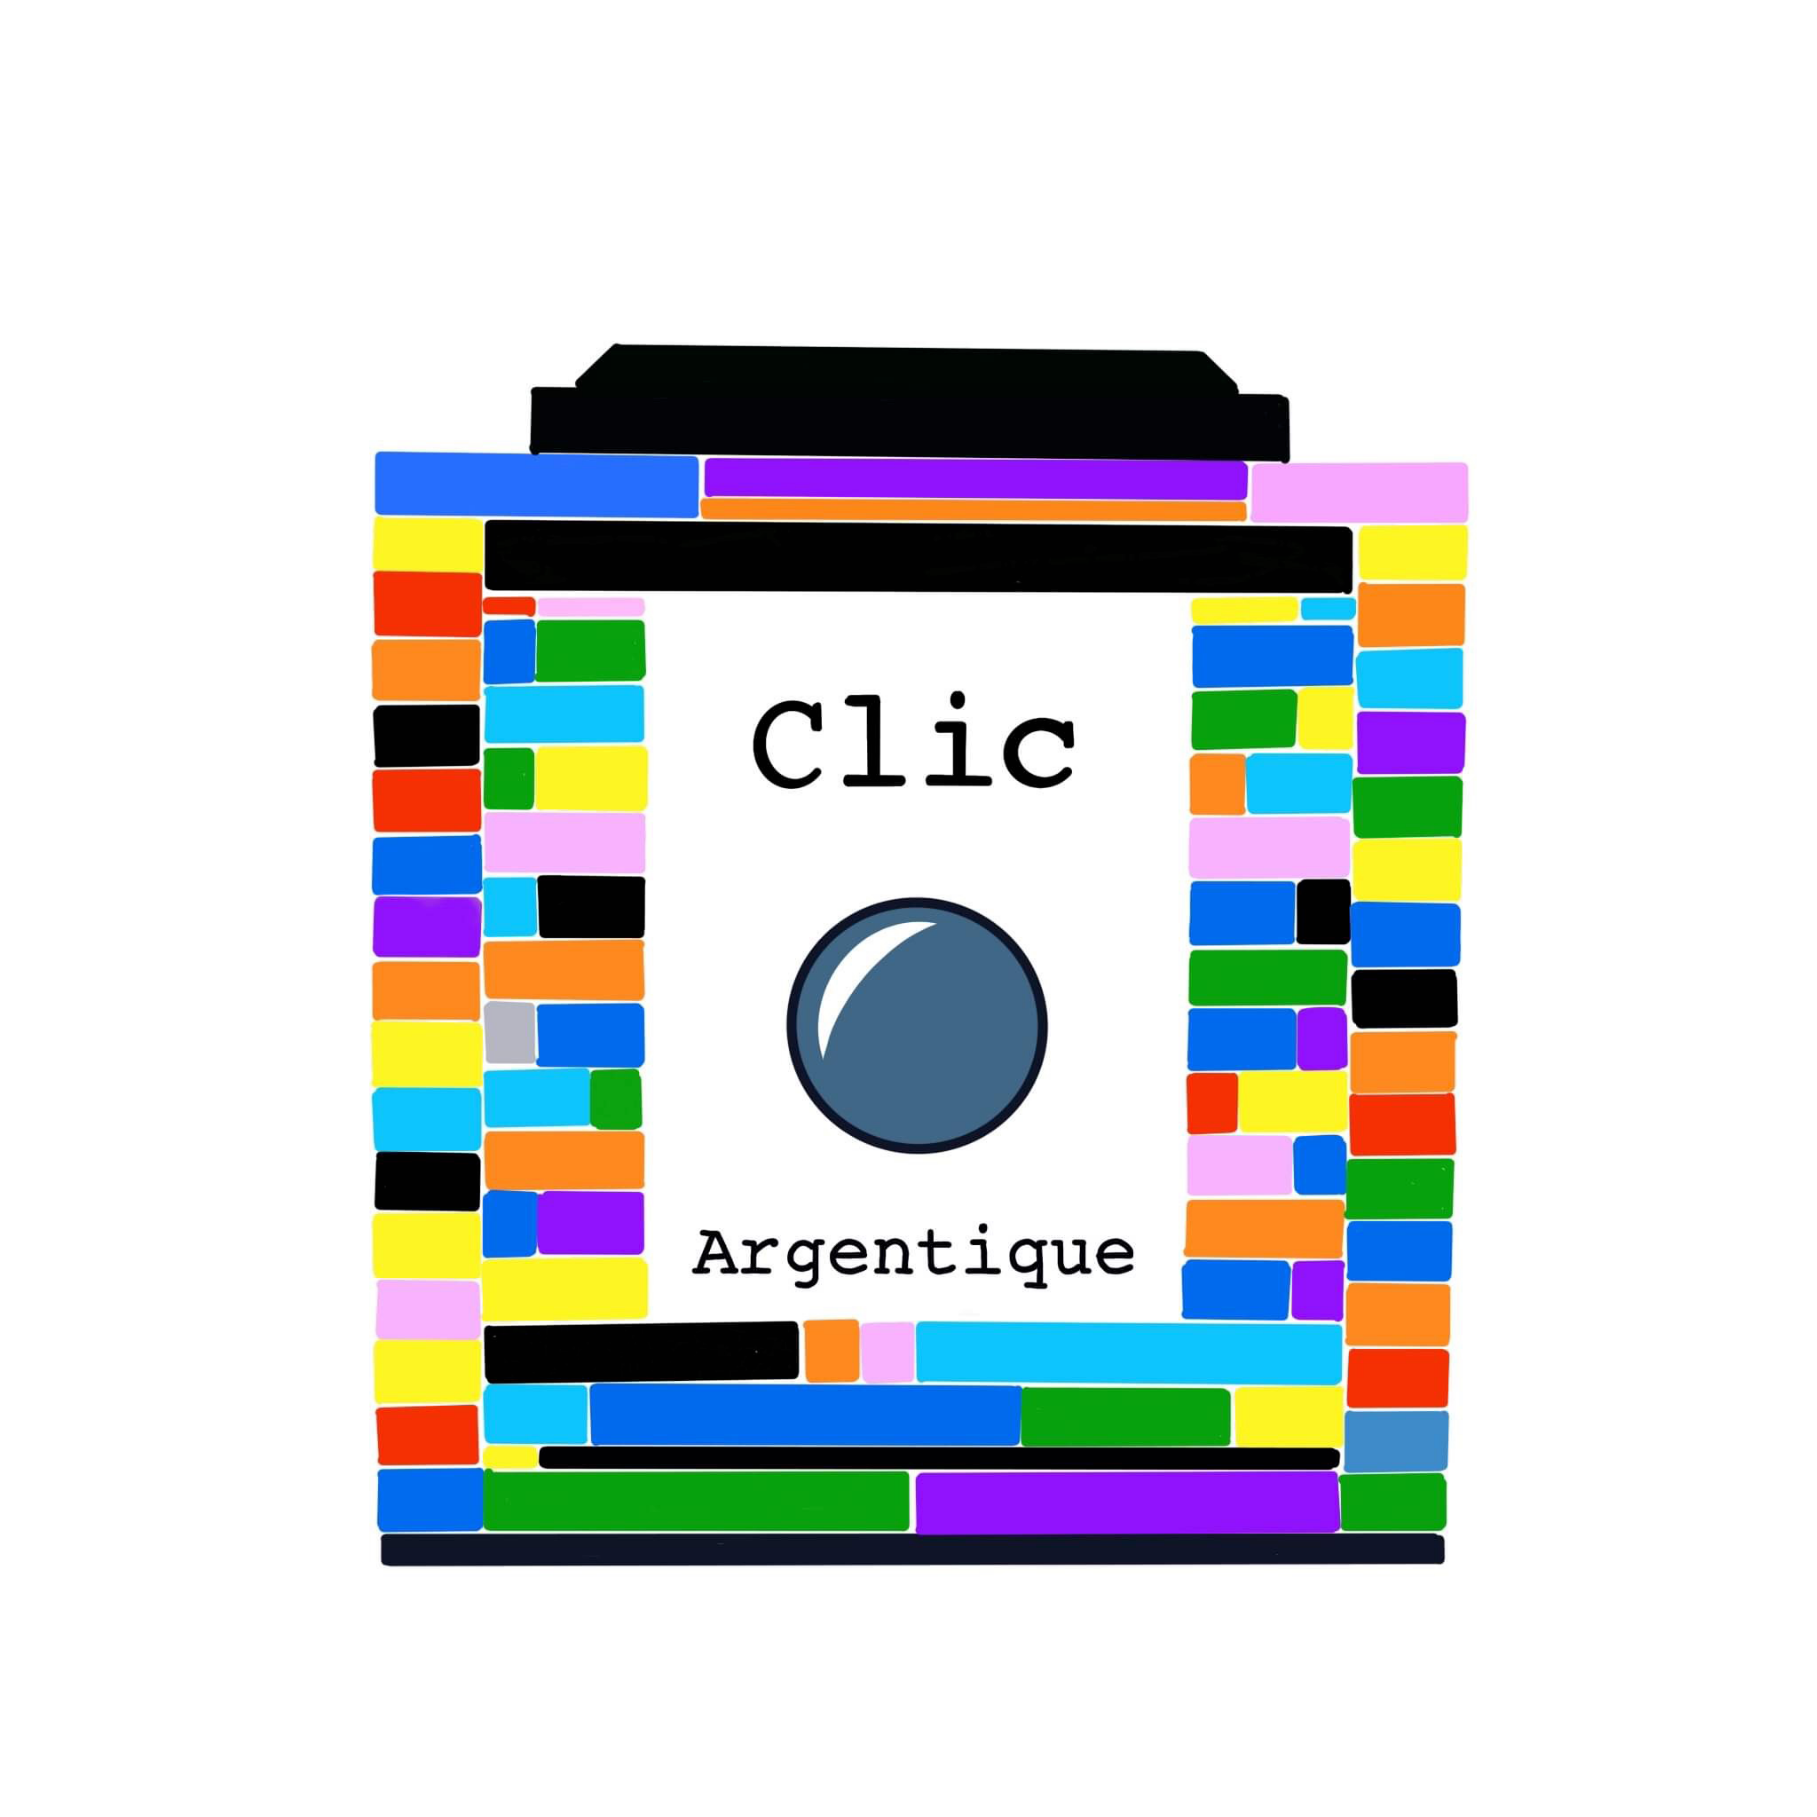 Clic Argentique